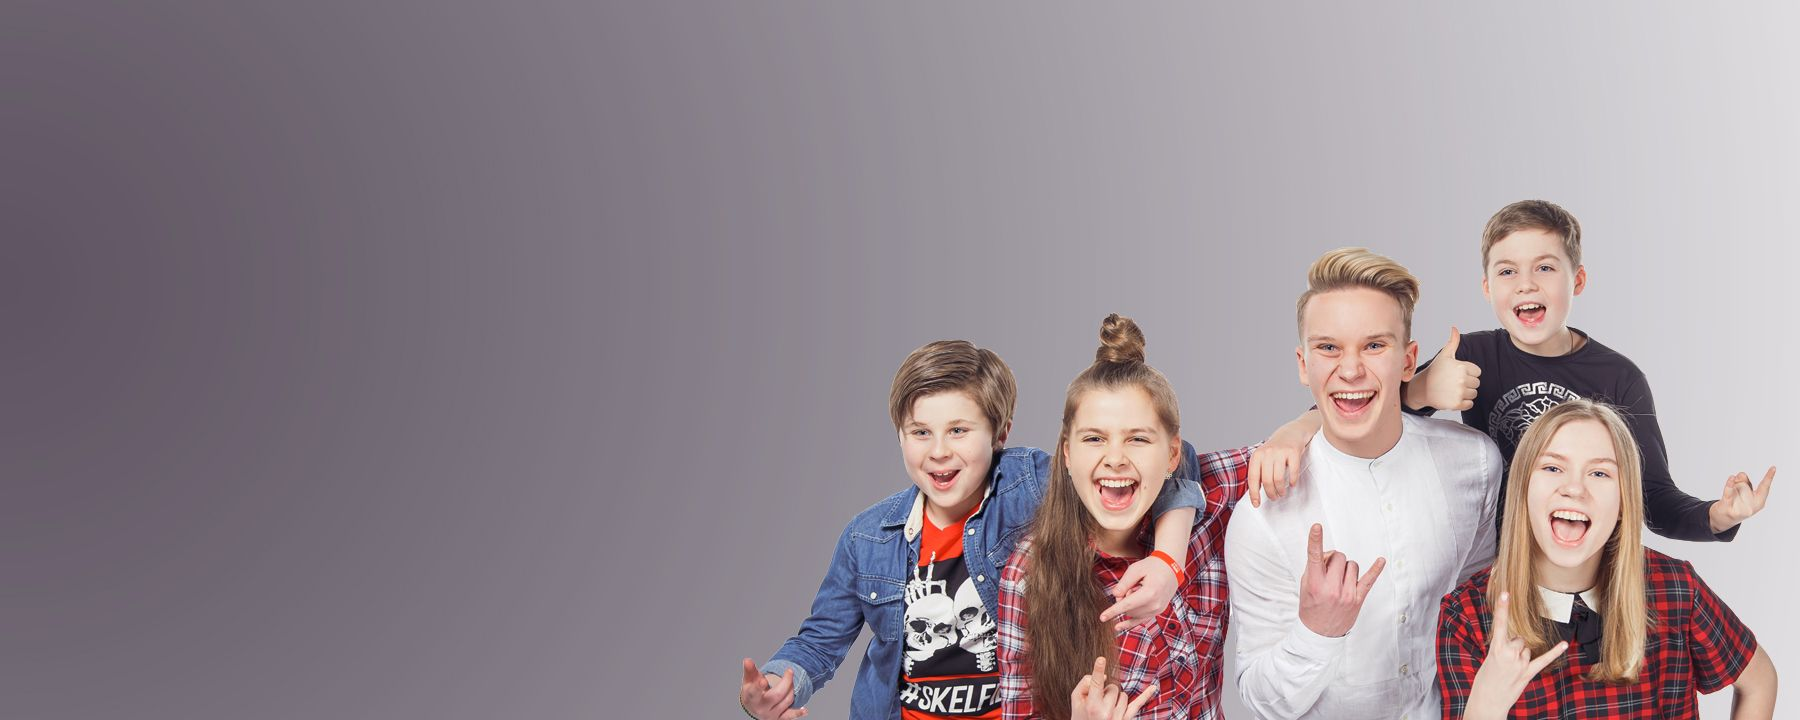 """Встреча """"Образовательная стратегия для ребенка"""", Одесса 25 февраля. Фото - 3"""